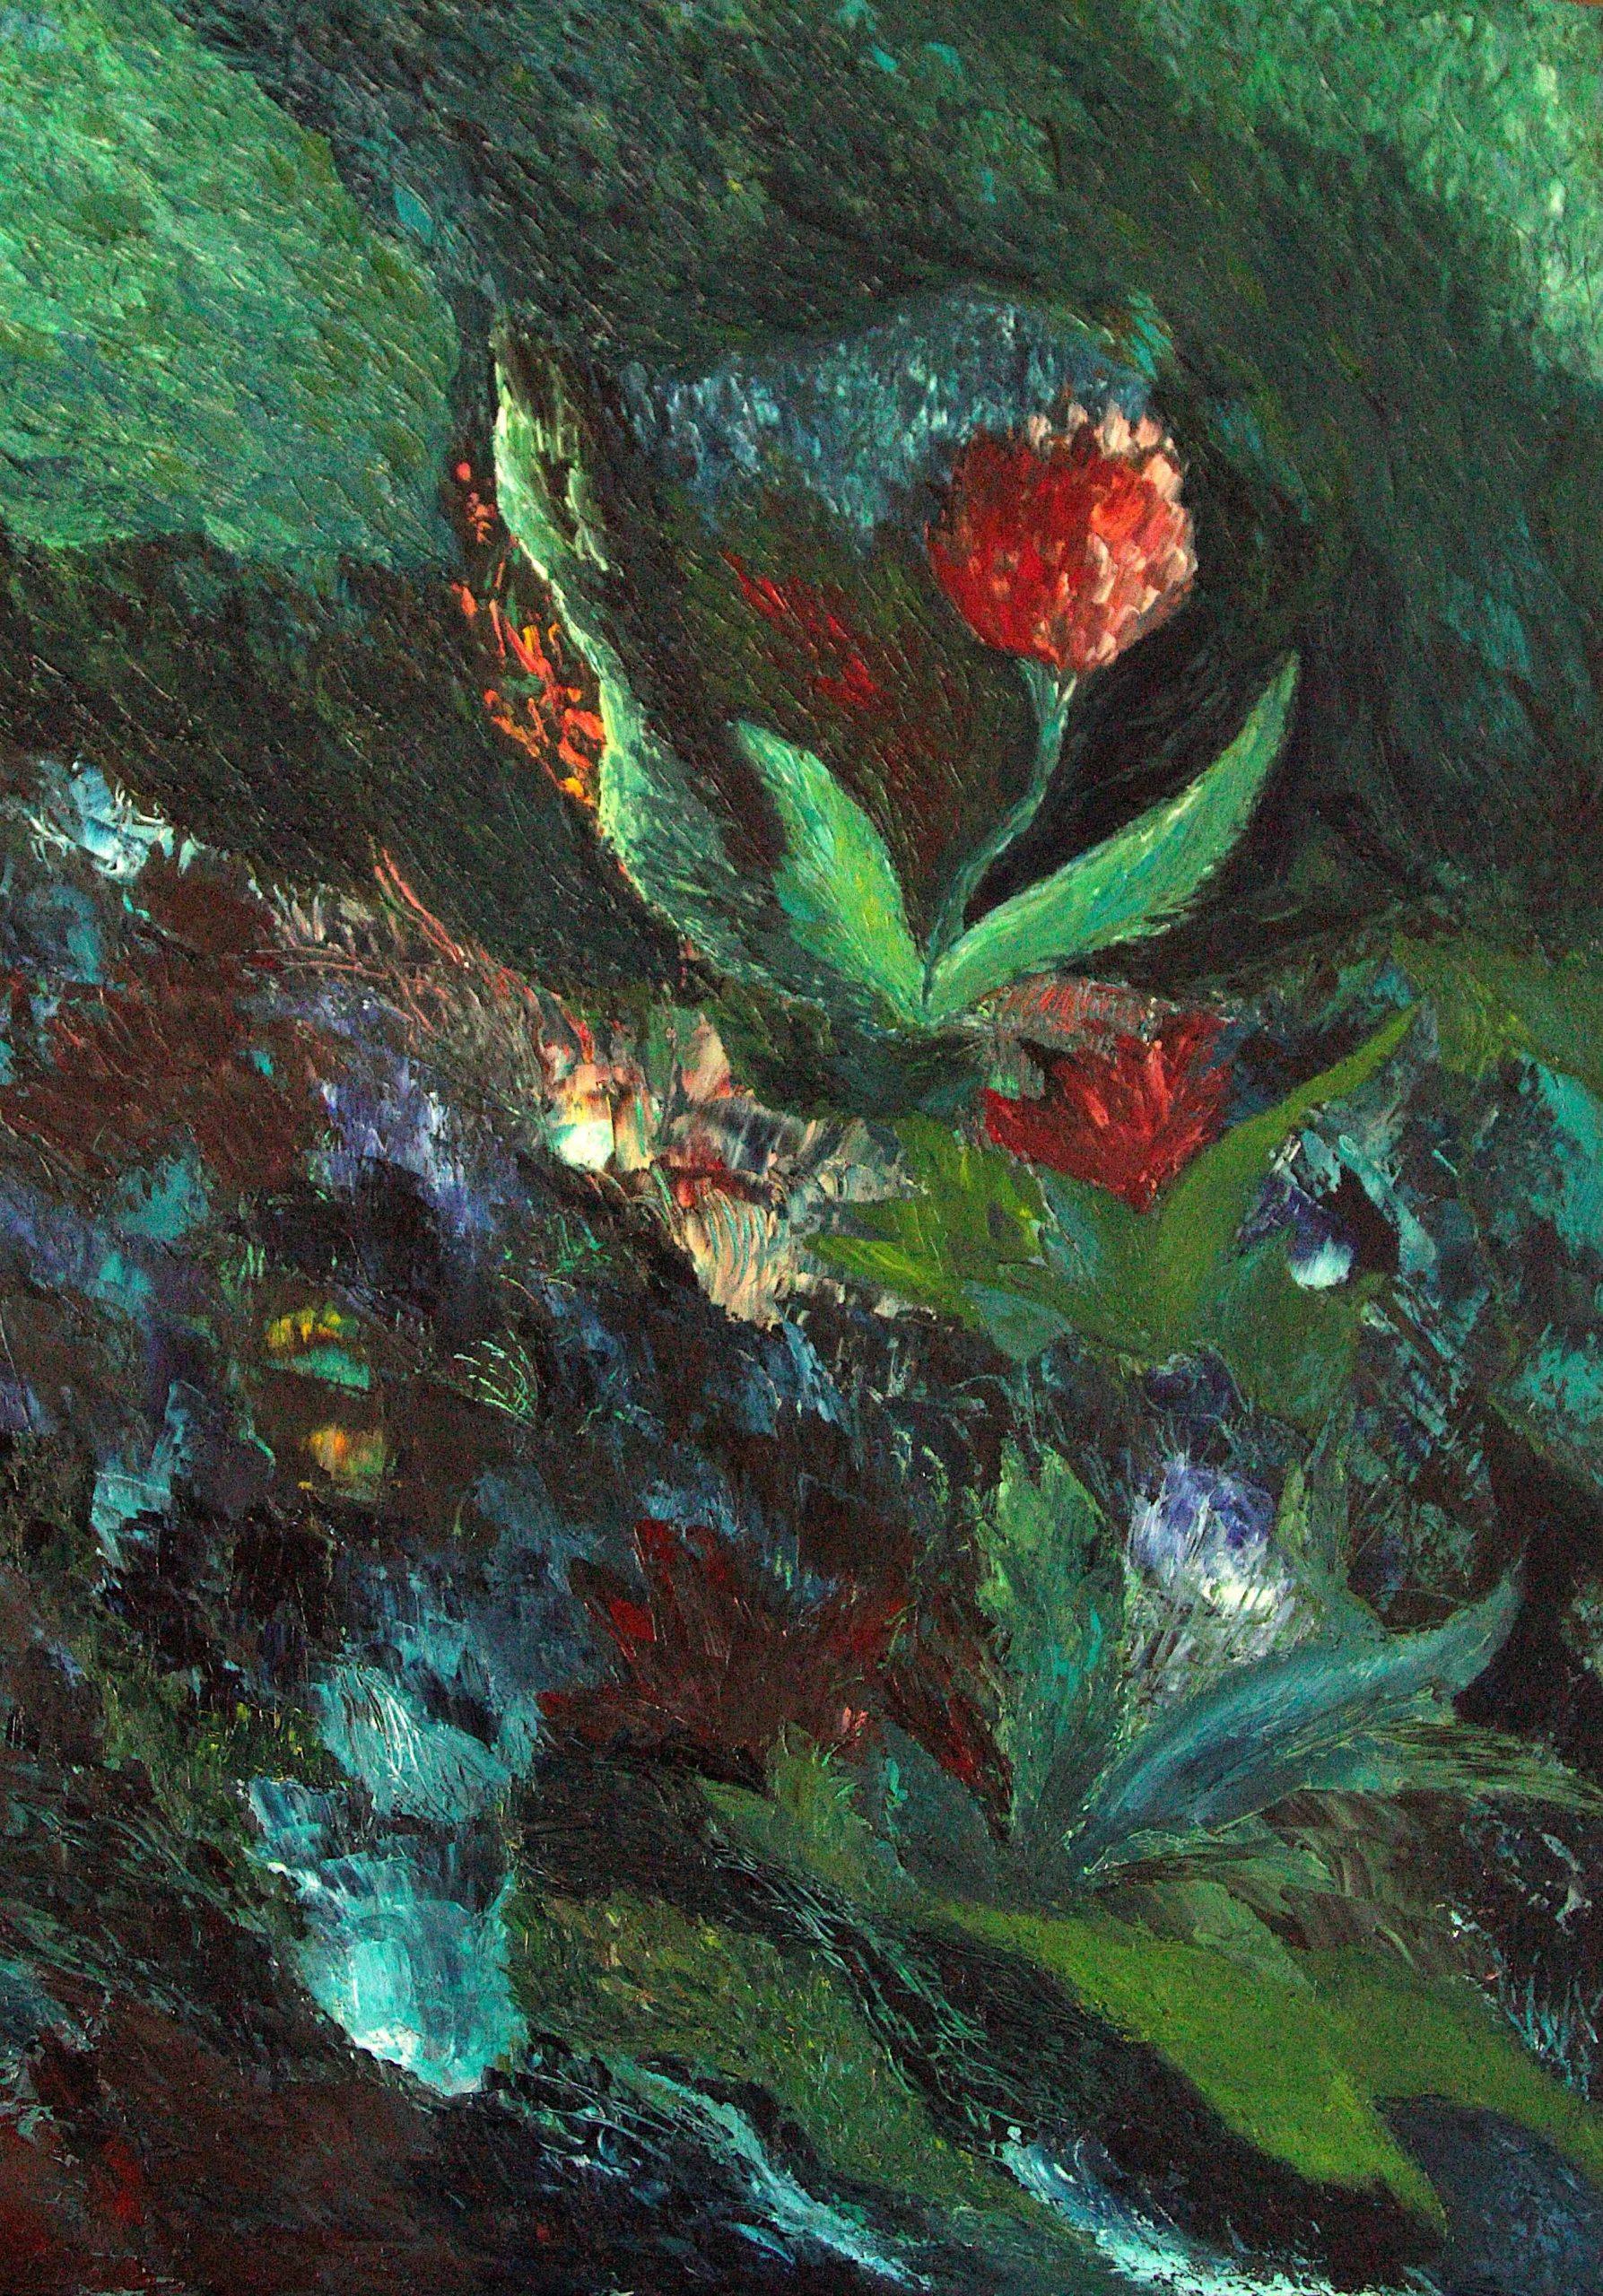 Tumma, värikäs, tekstuurillinen maalaus. Impressionistisia kukkia, sinisen, vihreän ja punaisen sävyjä.